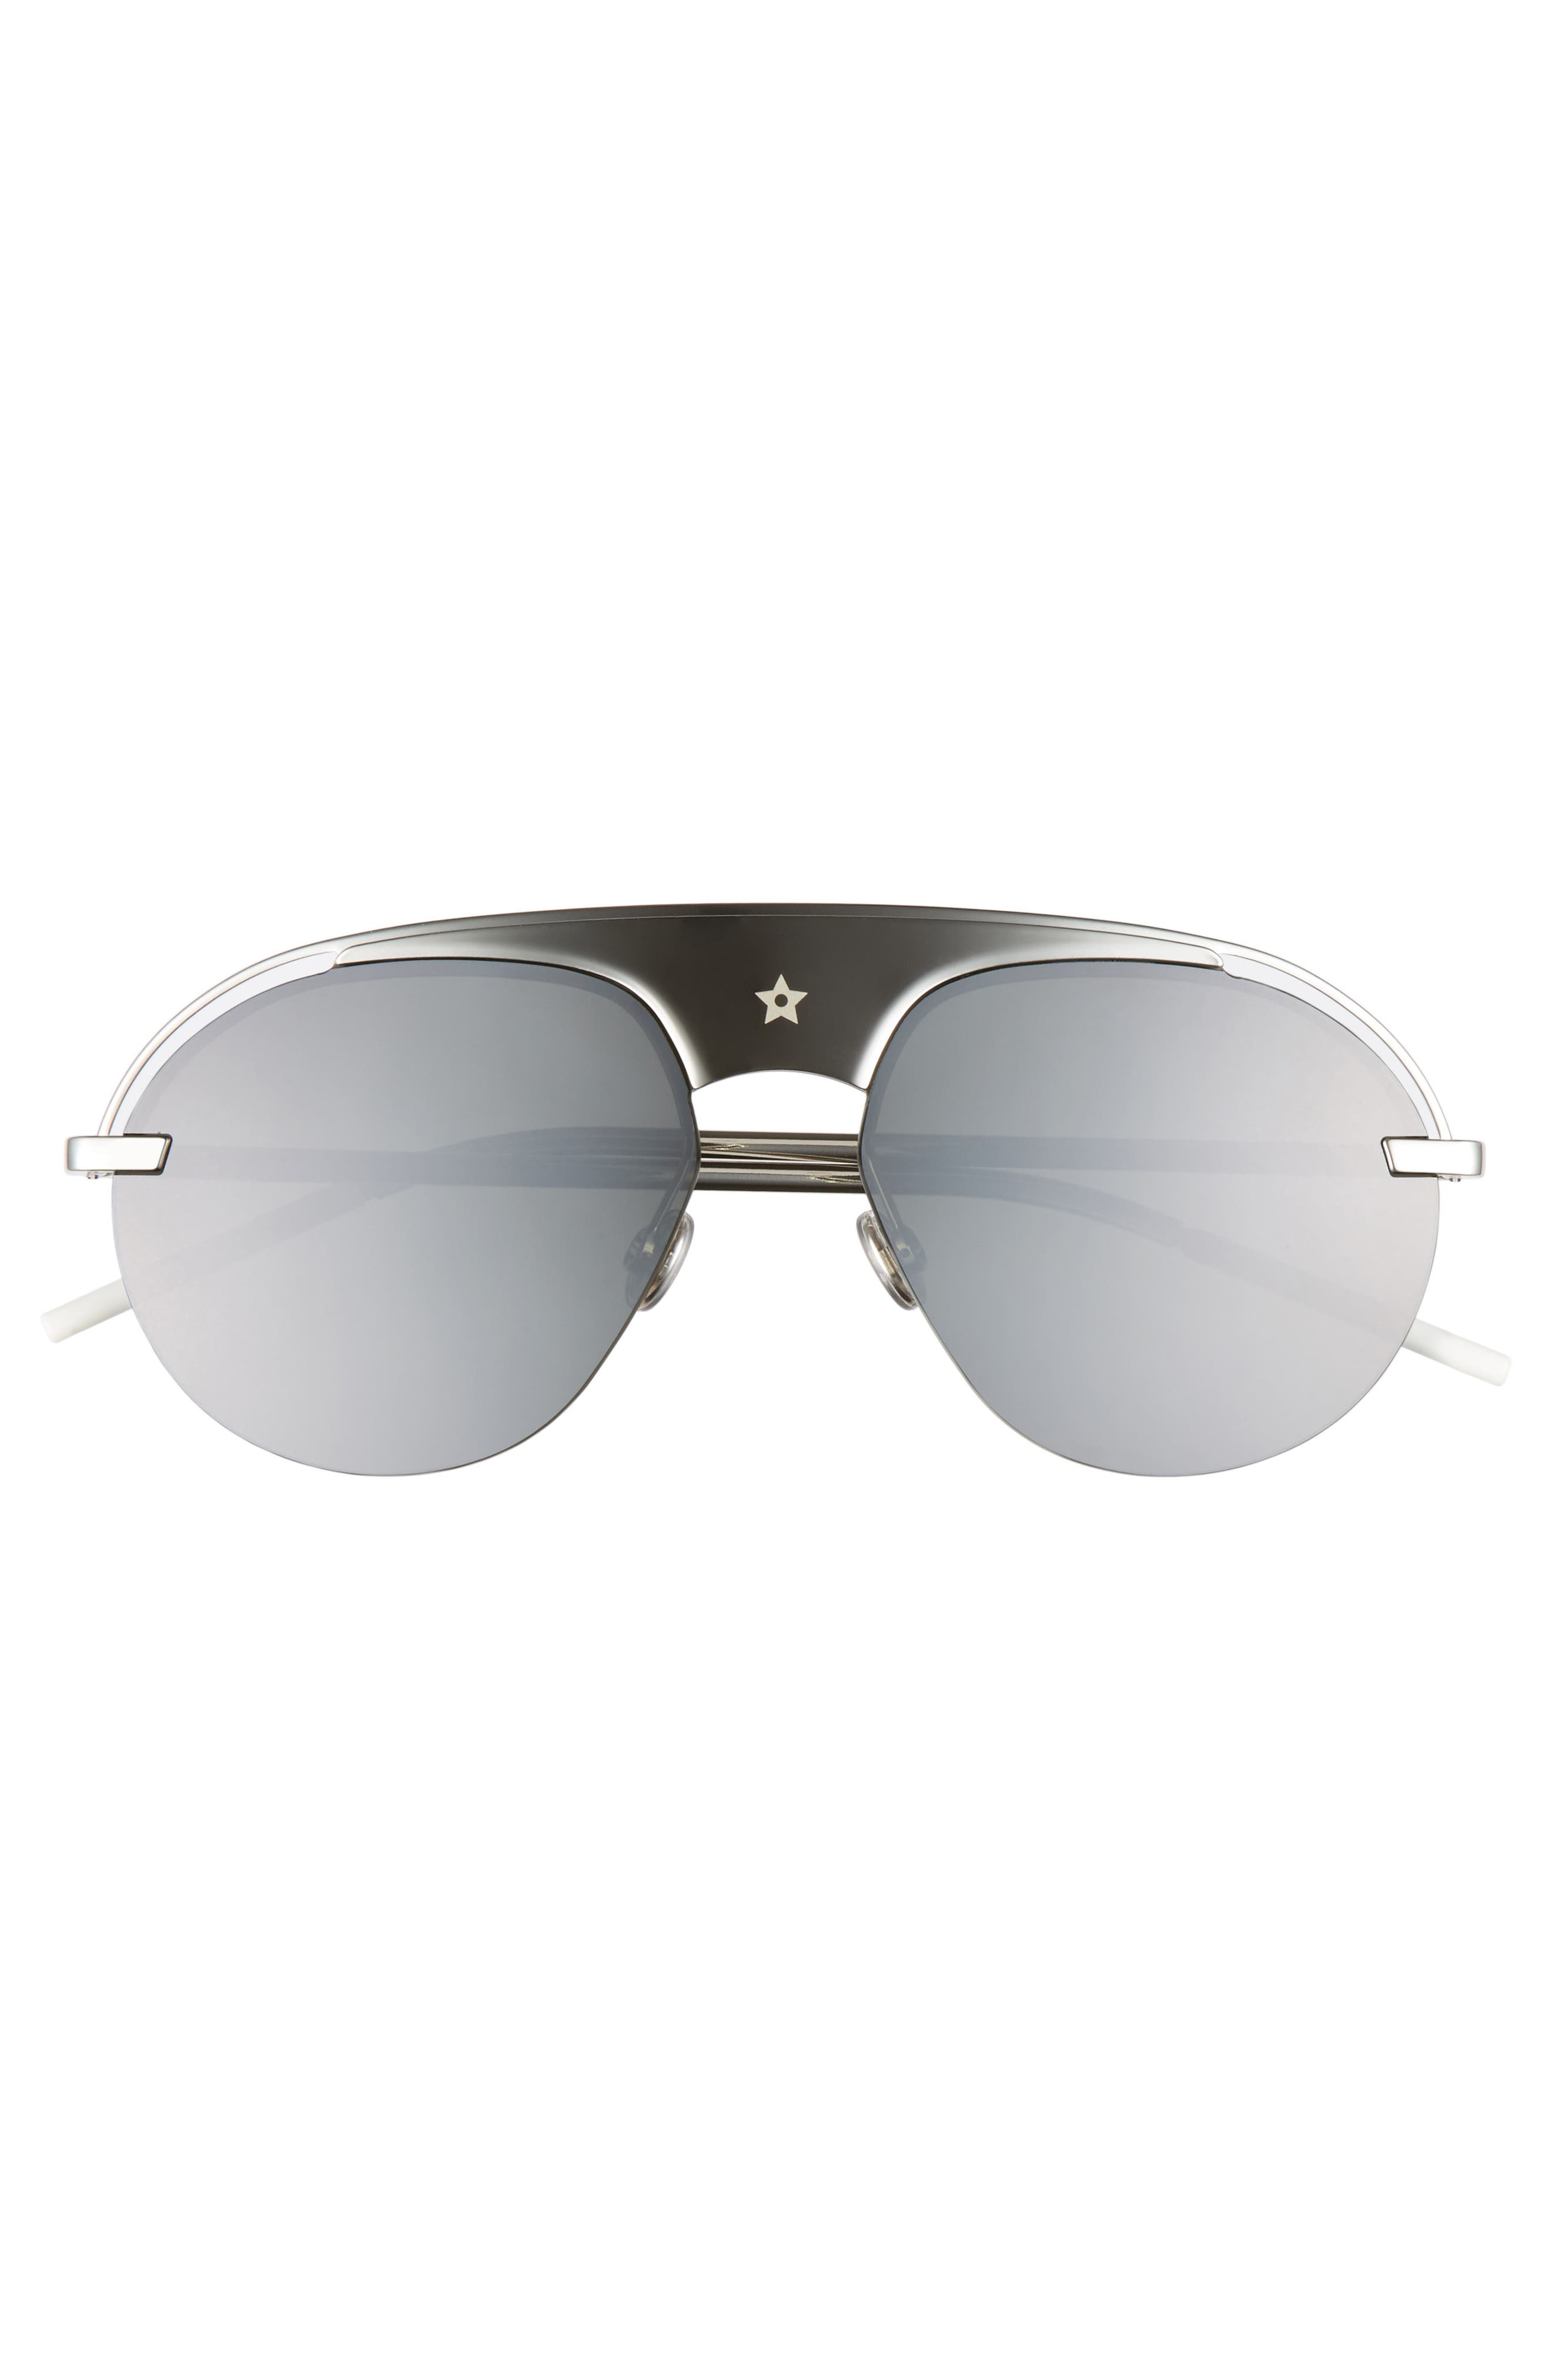 Evolution 2 60mm Aviator Sunglasses,                             Alternate thumbnail 3, color,                             043